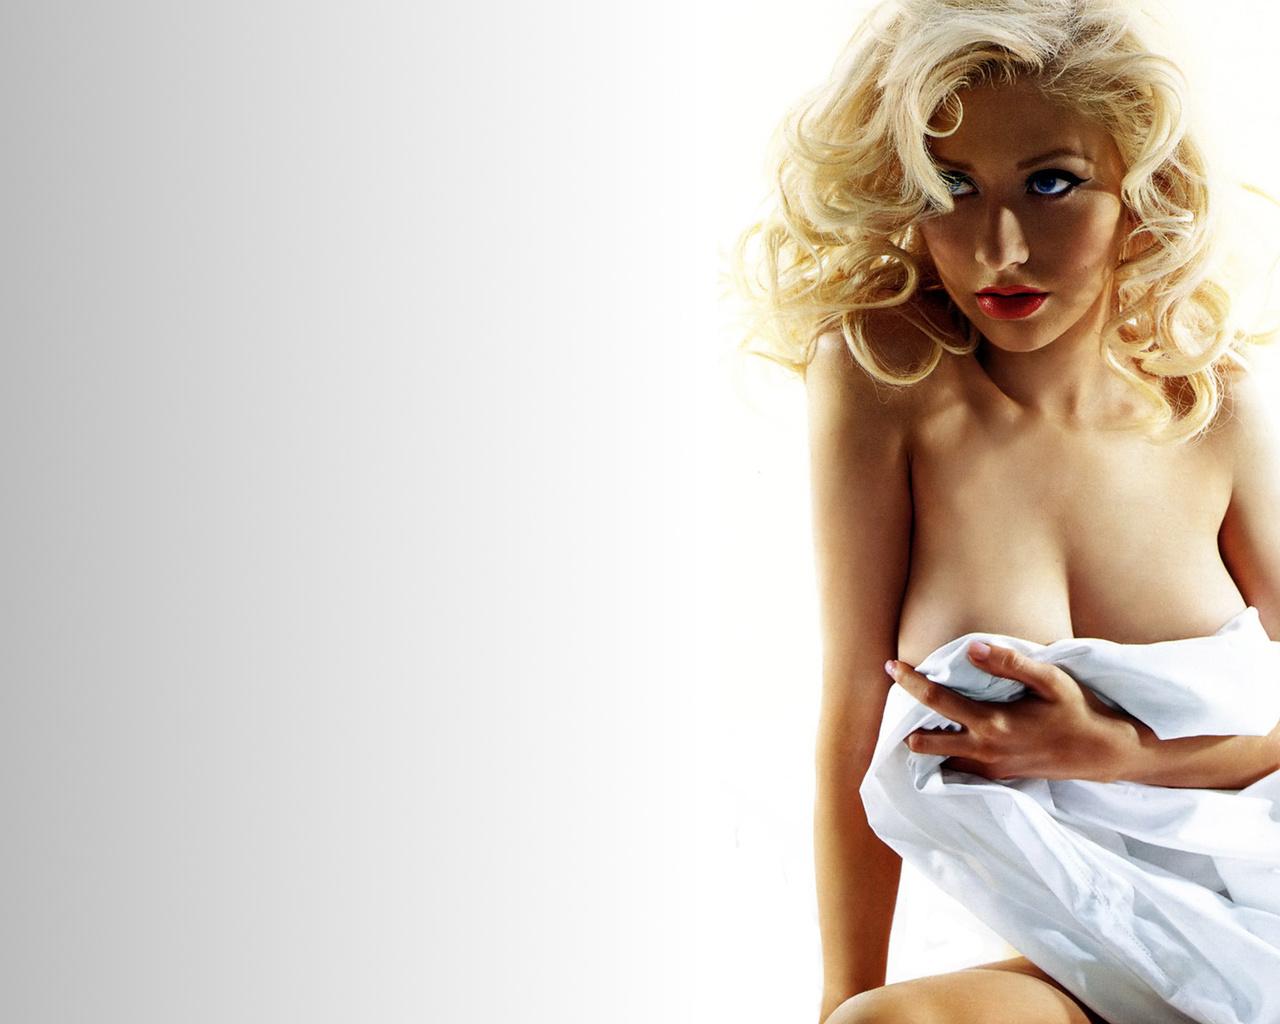 christina  aguilera, кристина  агилера, певица, блондинка, волосы, лицо, глаза, взгляд, грудь, простыня